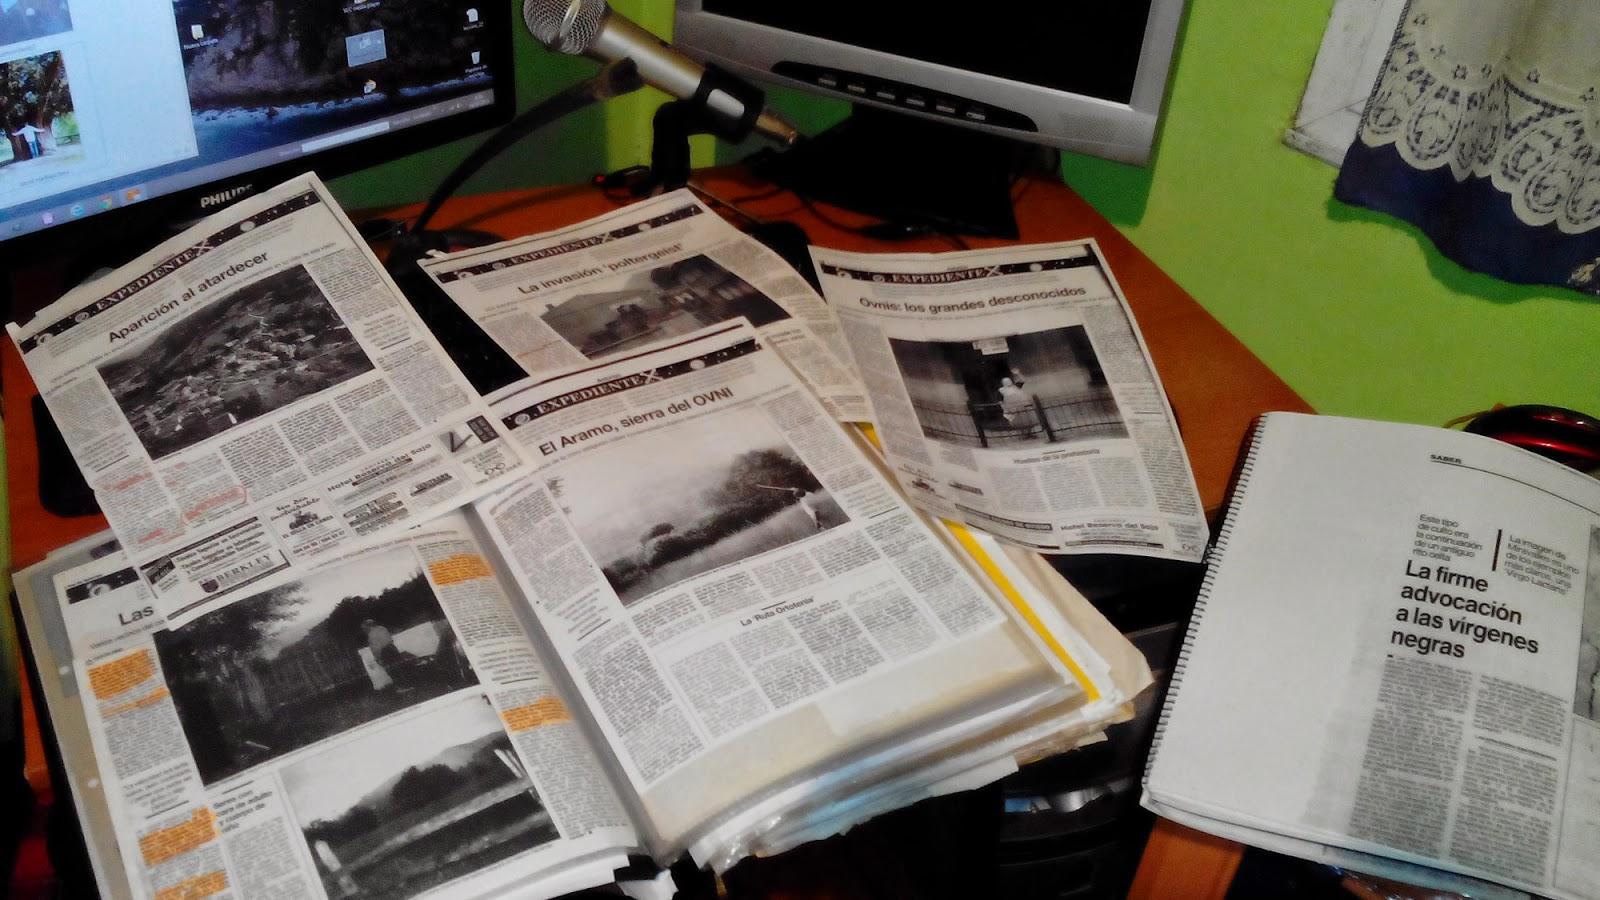 http://nochedemitos.blogspot.com.es/2015/02/album-fotografias-podcast-17-suenos-y.html